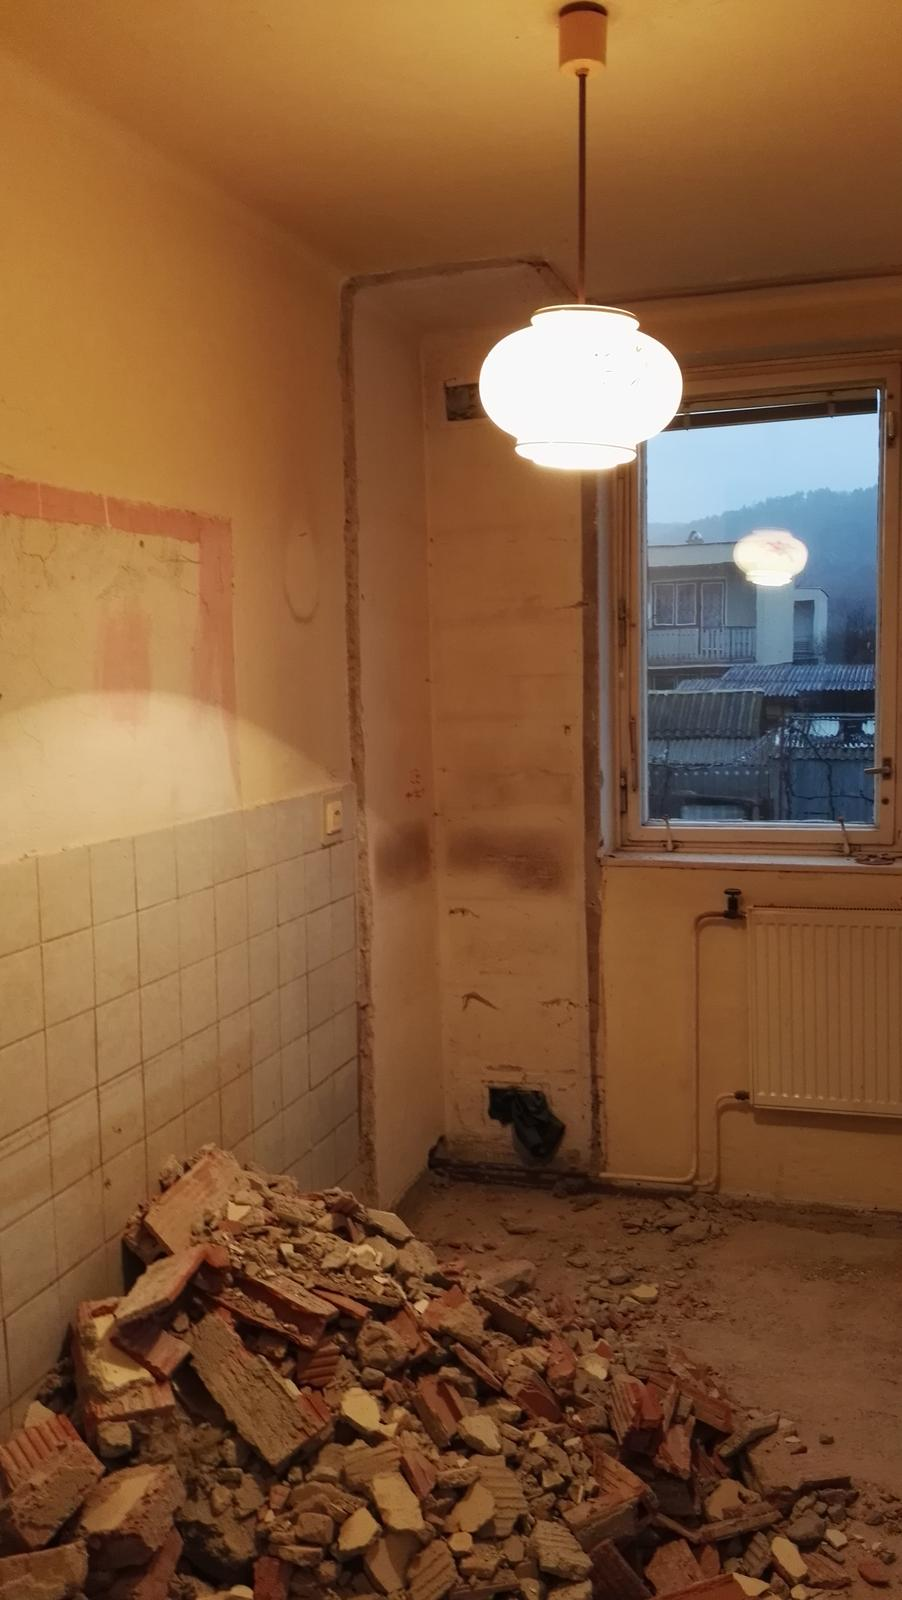 Projekt: Nové bývanie ... - ... zrušená špajza ...